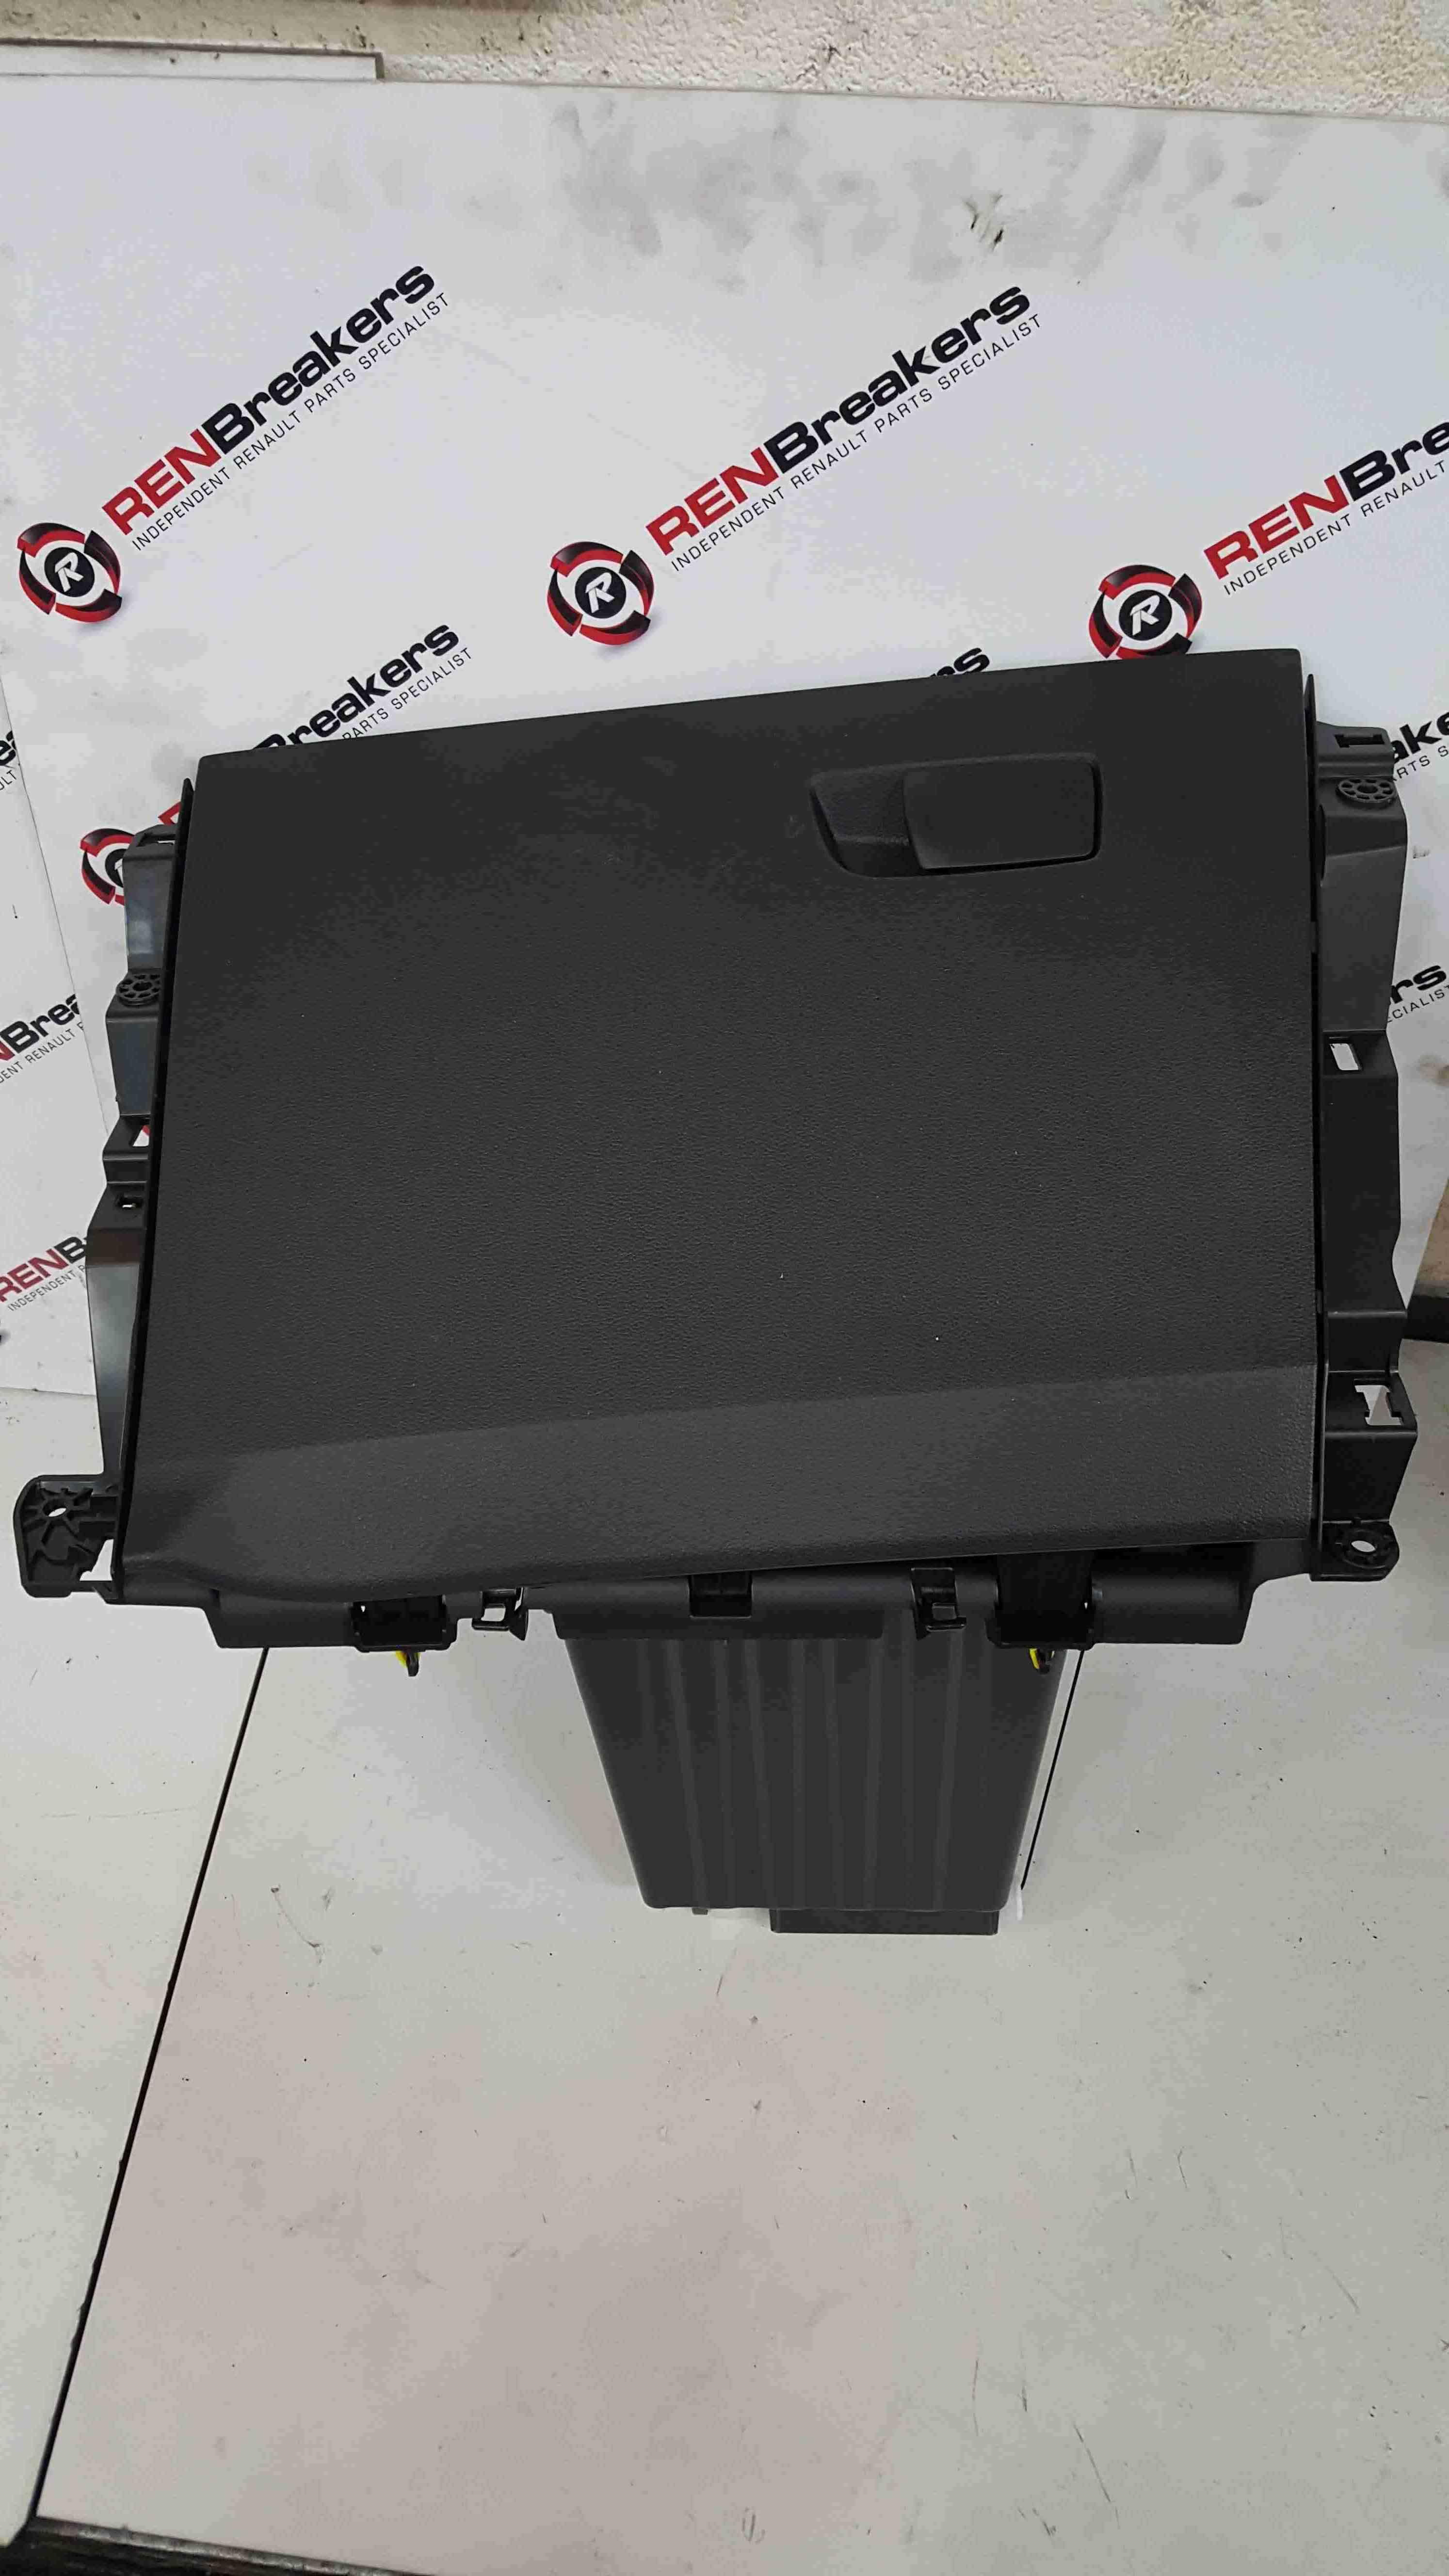 Renault Captur 2019-2021 Dashboard Glove Box Compartment Storage 685004396R